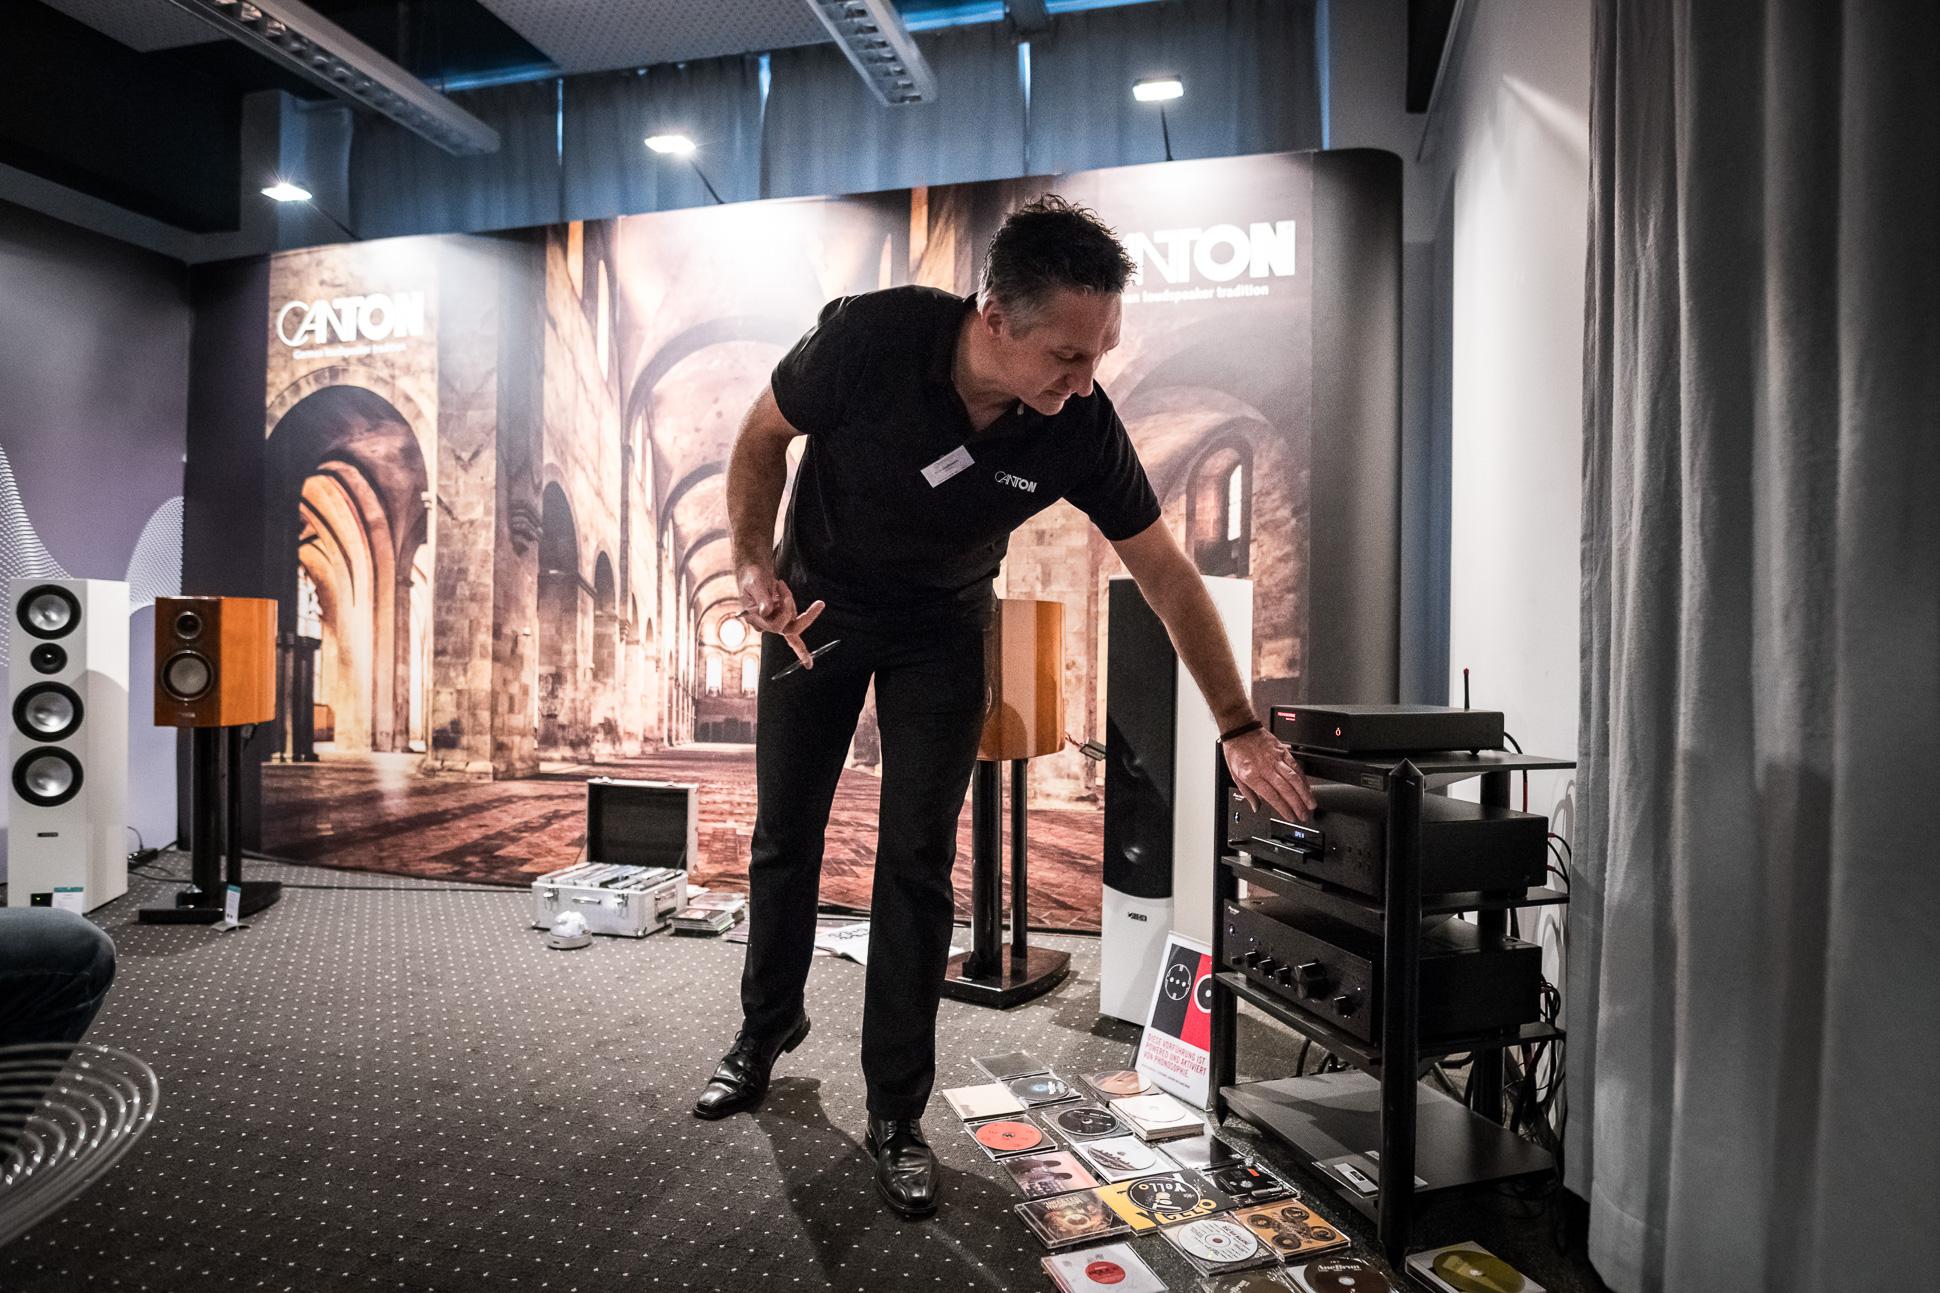 Dirk Halfmann von Canton konnte die Zuhörer mit seiner charmanten Präsentation begeistern.